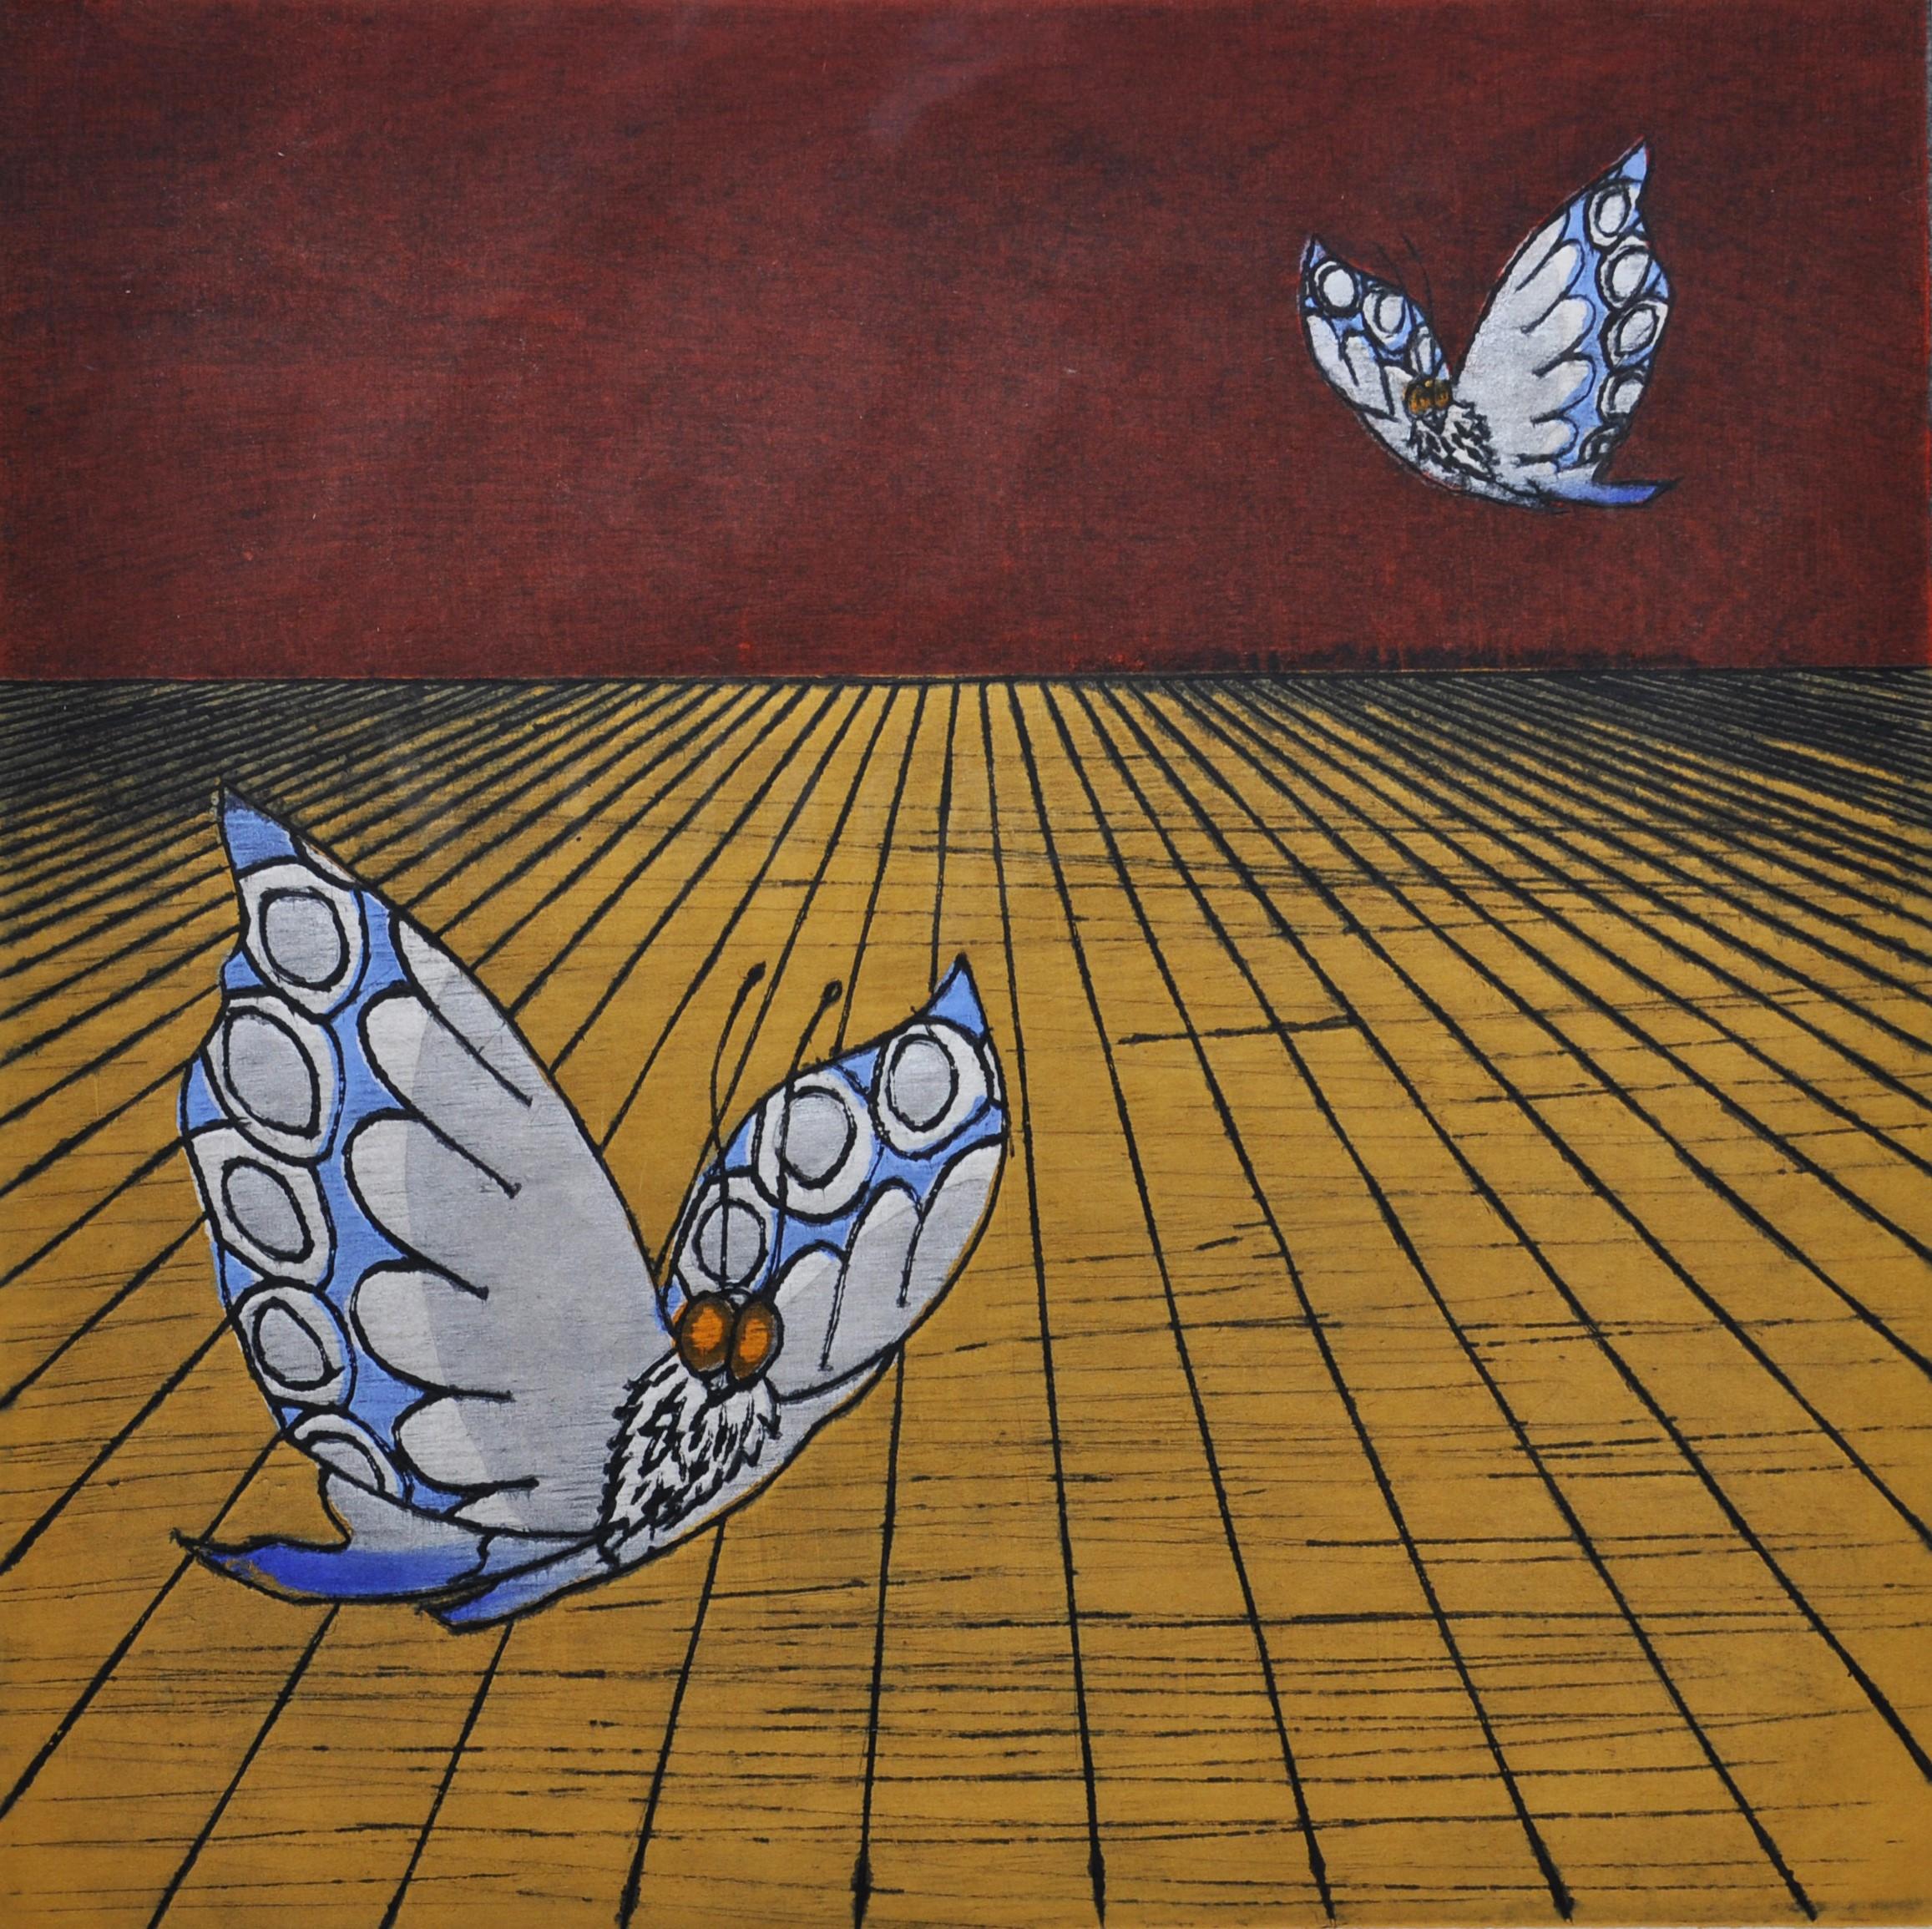 """Nana Shiomi - """"Mitate No. 32 - Butterflies"""" - 2000, Woodcut, Ed of 10, Sheet size 46 x 46 cm"""